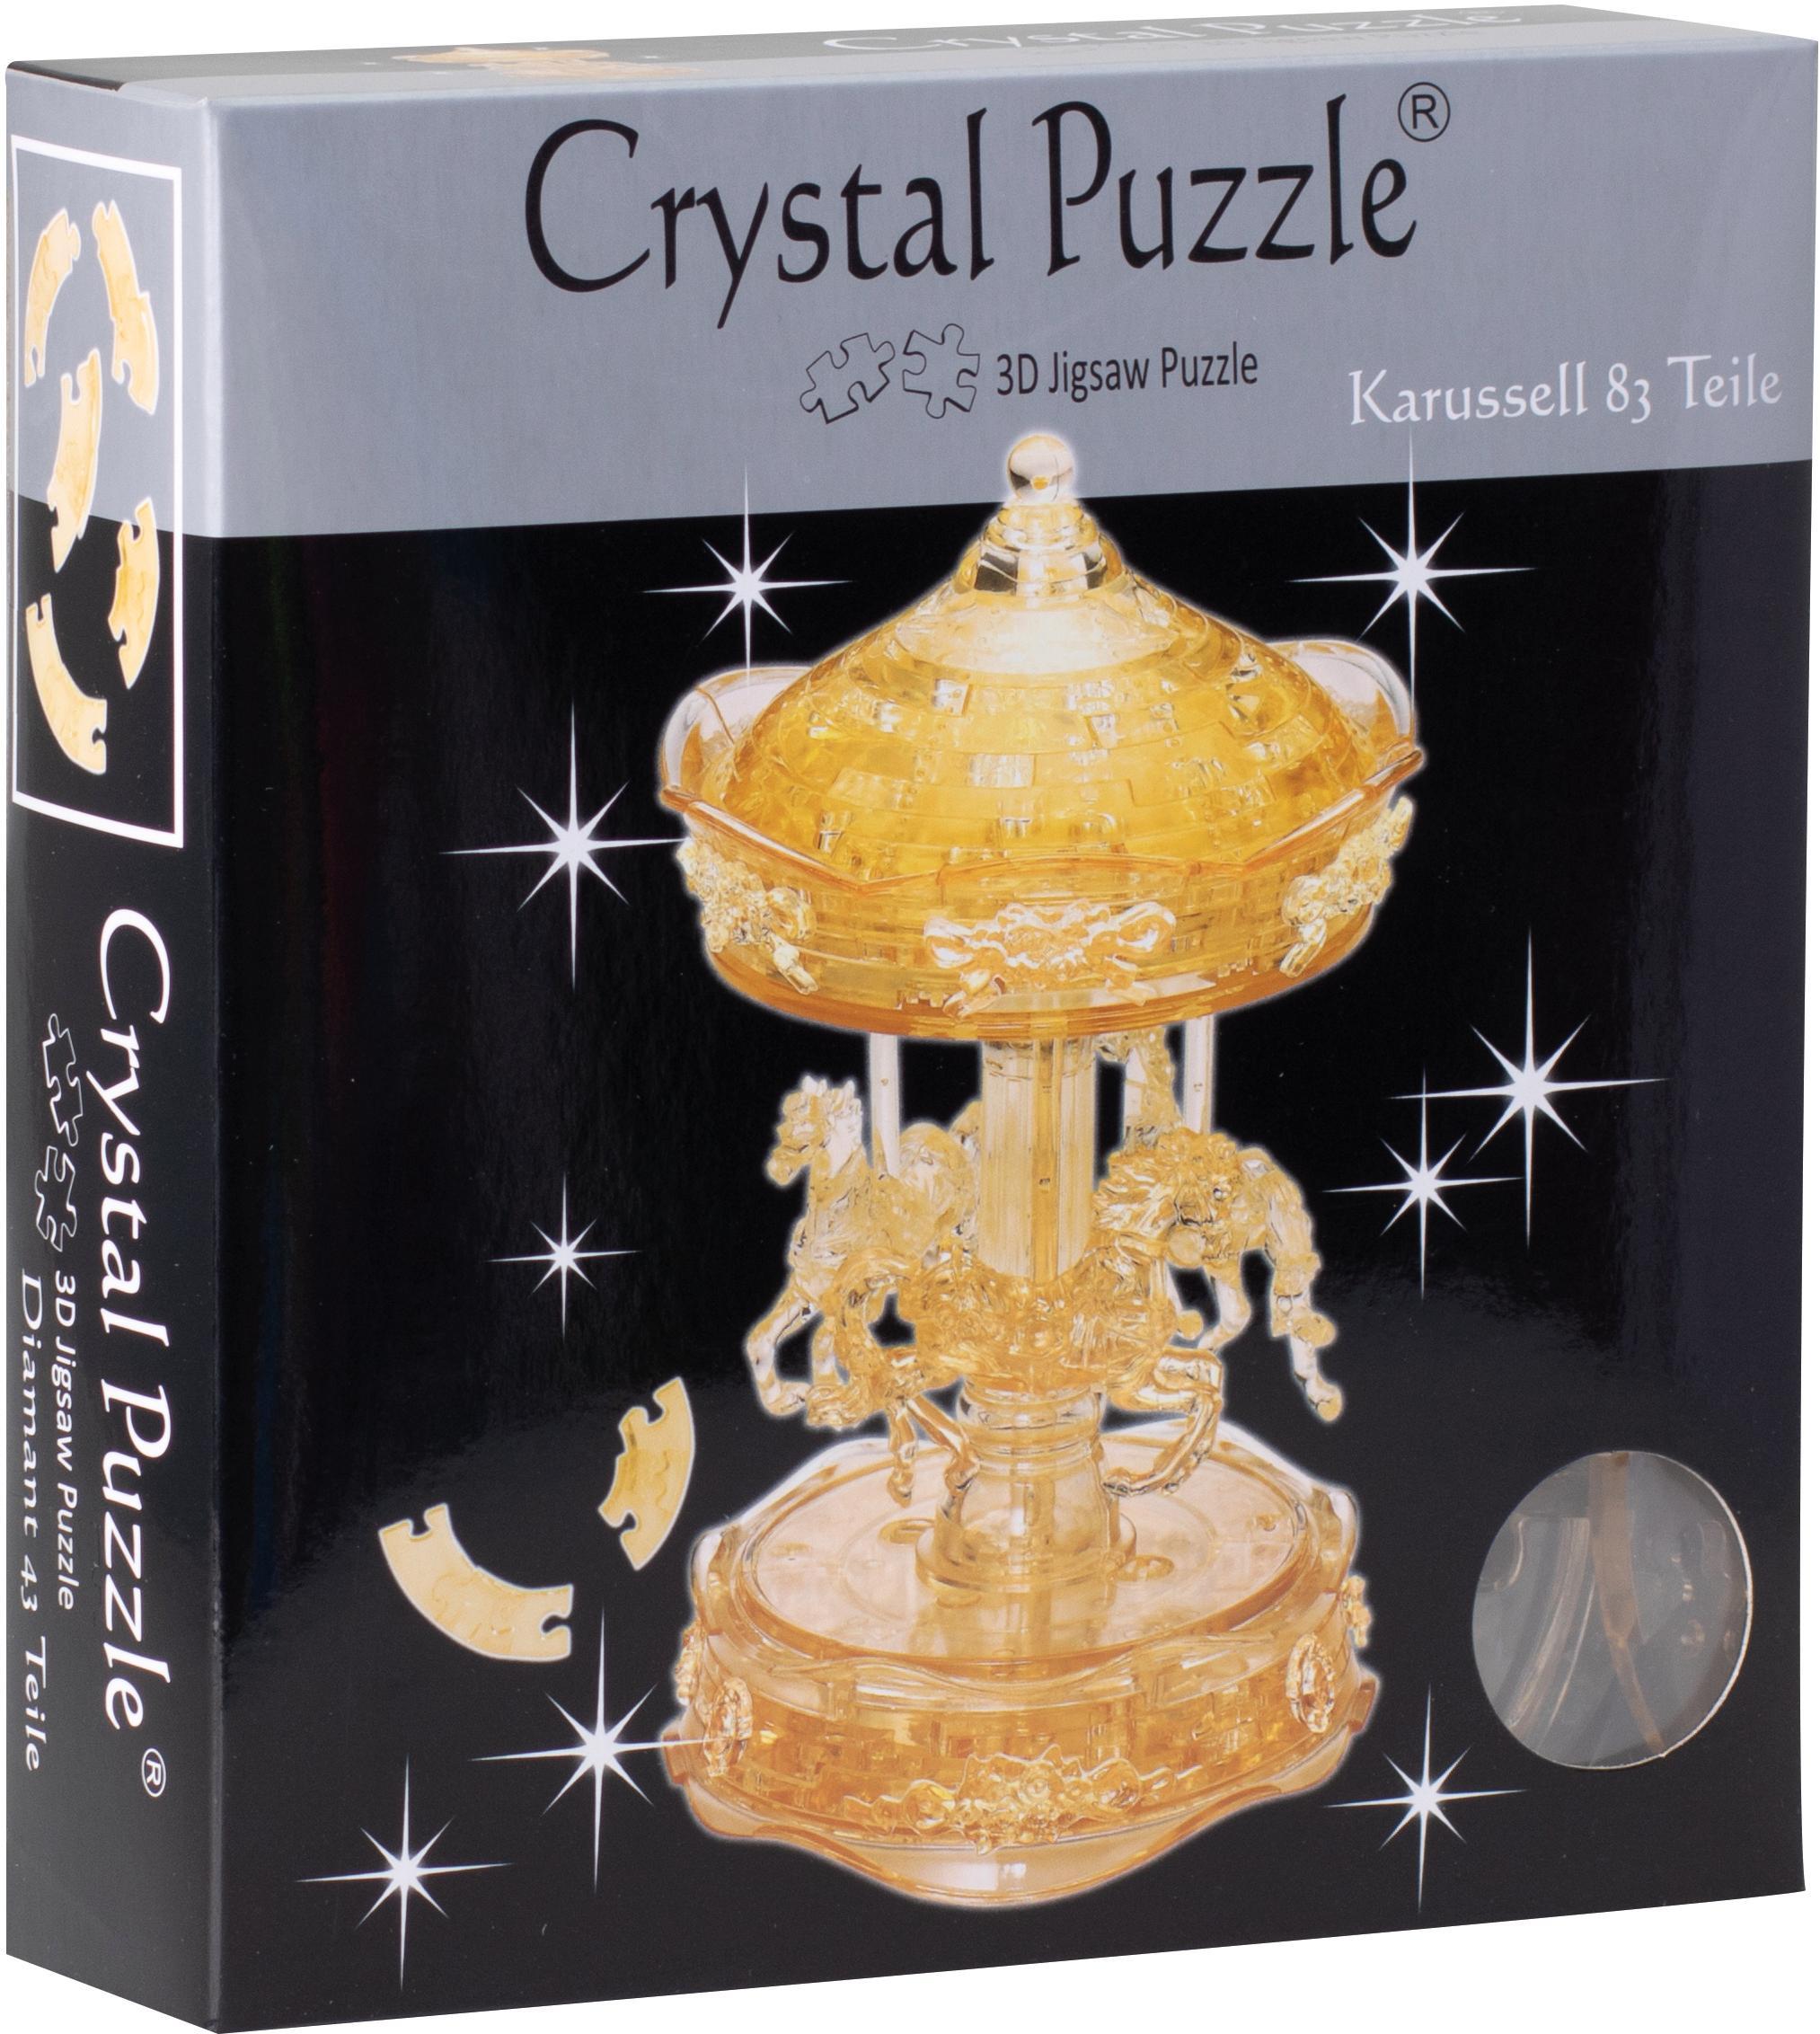 HCM KINZEL 3D-Puzzle Crystal Puzzle, Karussel transparent bunt Kinder Ab 12-15 Jahren Altersempfehlung Puzzles